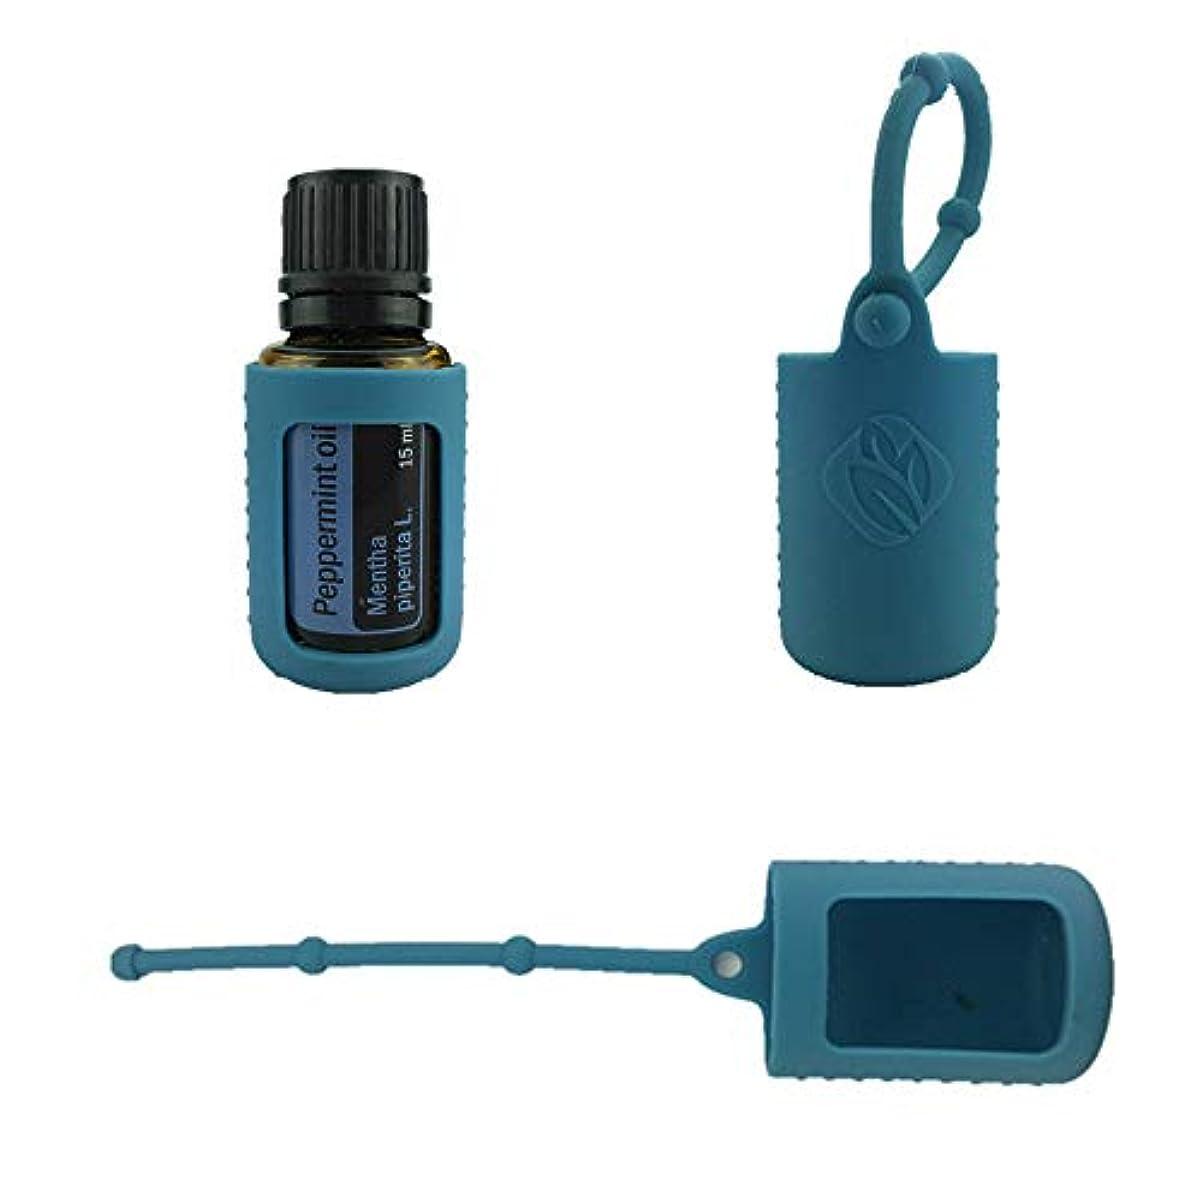 マット十分盲目6パック熱望オイルボトルシリコンローラーボトルホルダースリーブエッセンシャルオイルボトル保護カバーケースハングロープ - ダンク ブルー - 6-pcs 15ml